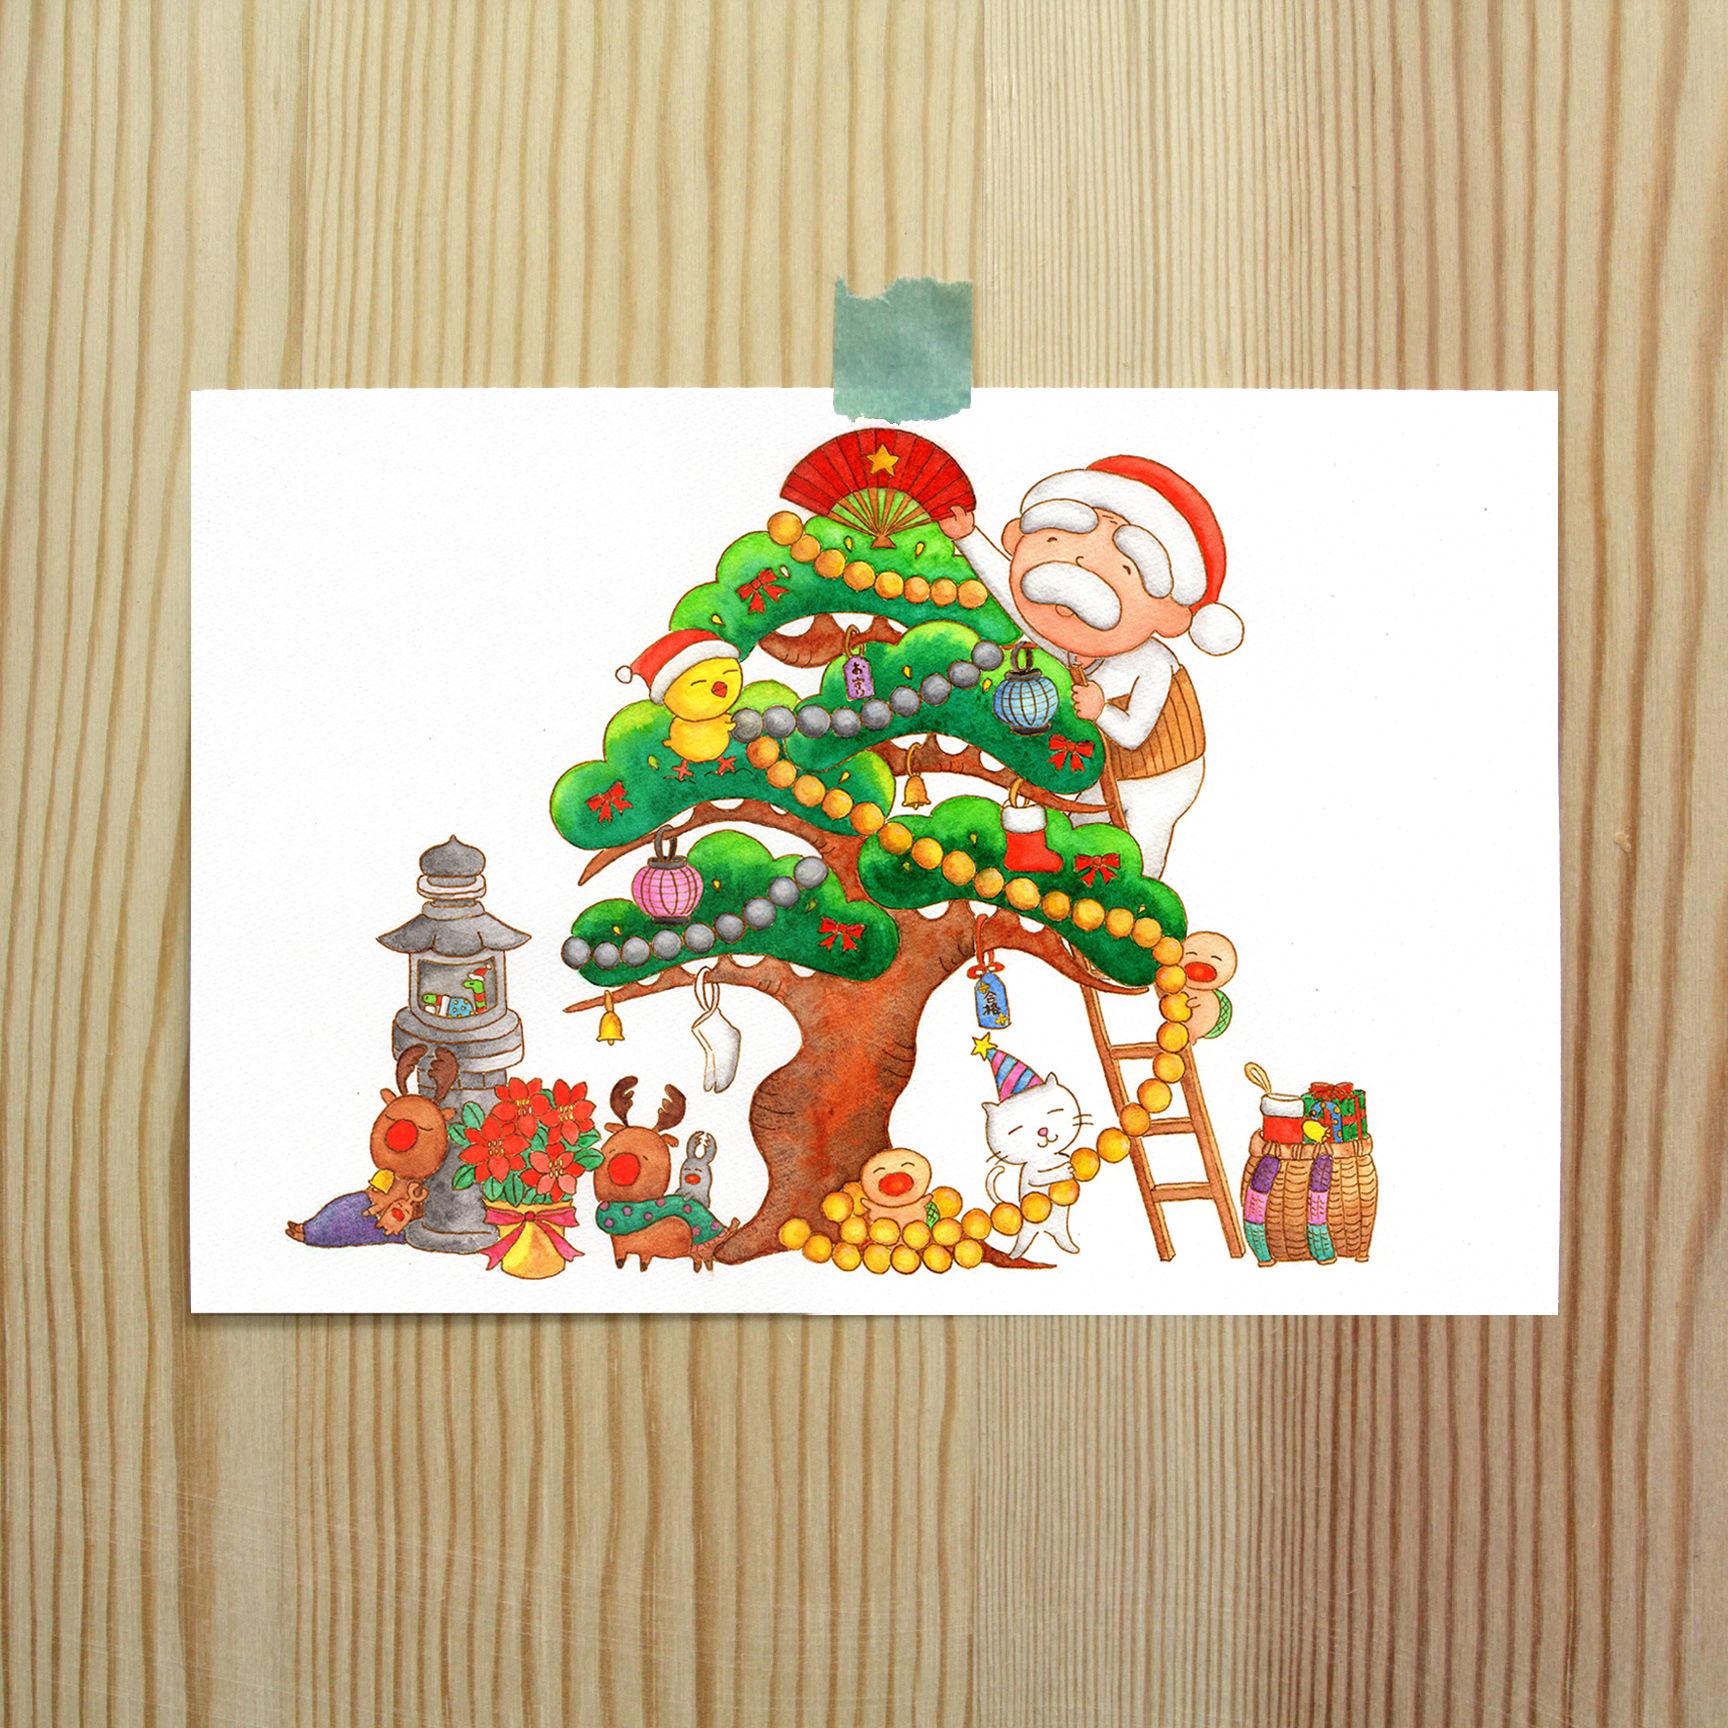 ポストカード (バガスパルプ紙使用)じーさんシリーズ 「じーさんのクリスマスツリー」